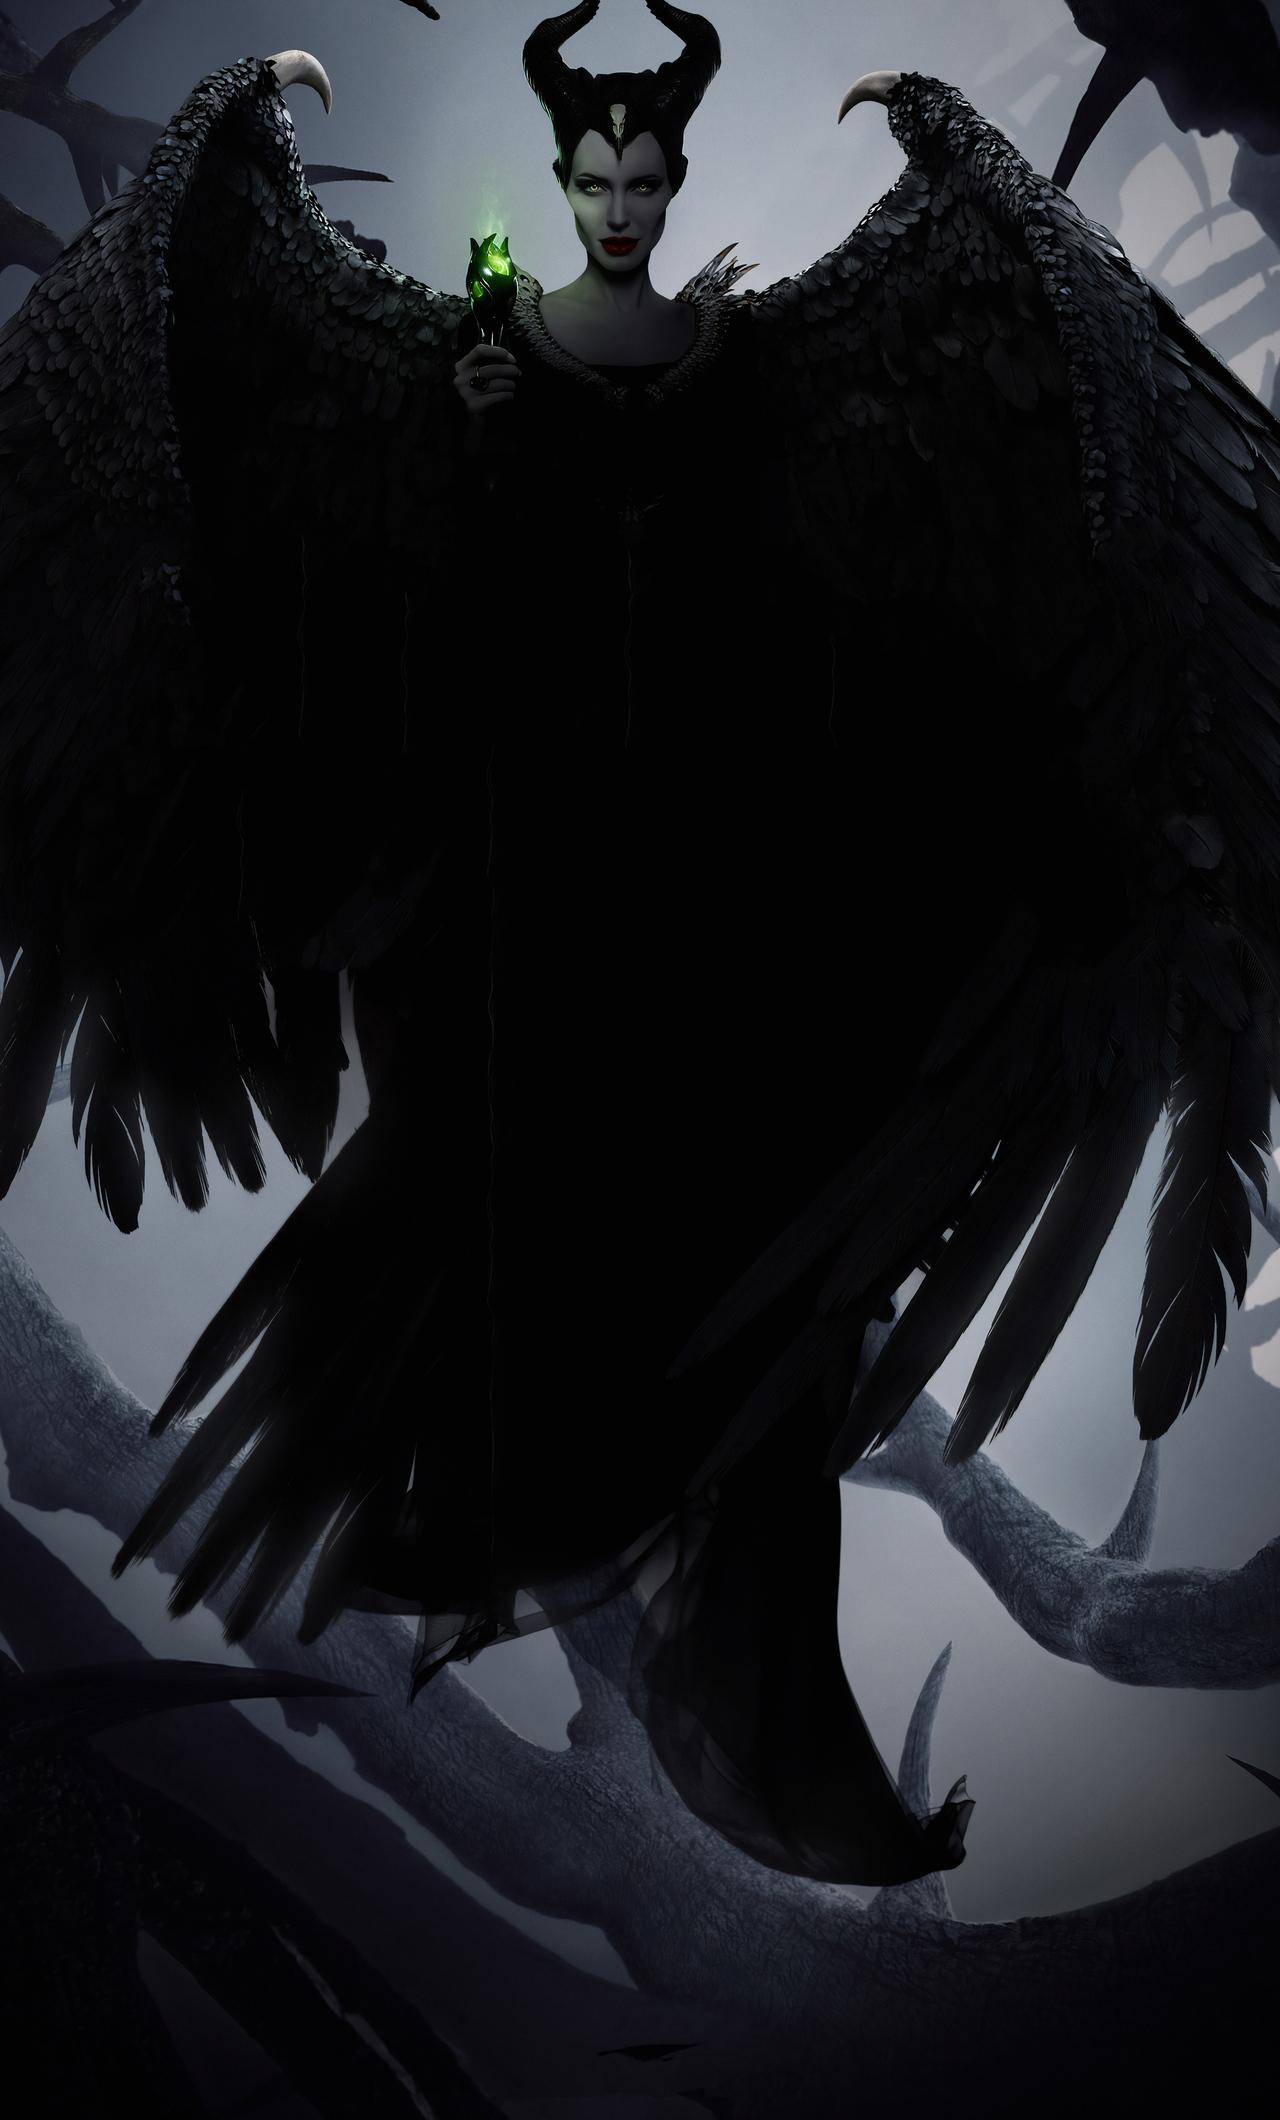 1280x2120 Maleficent Mistress Of Evil 2019 Imax Iphone 6 Hd